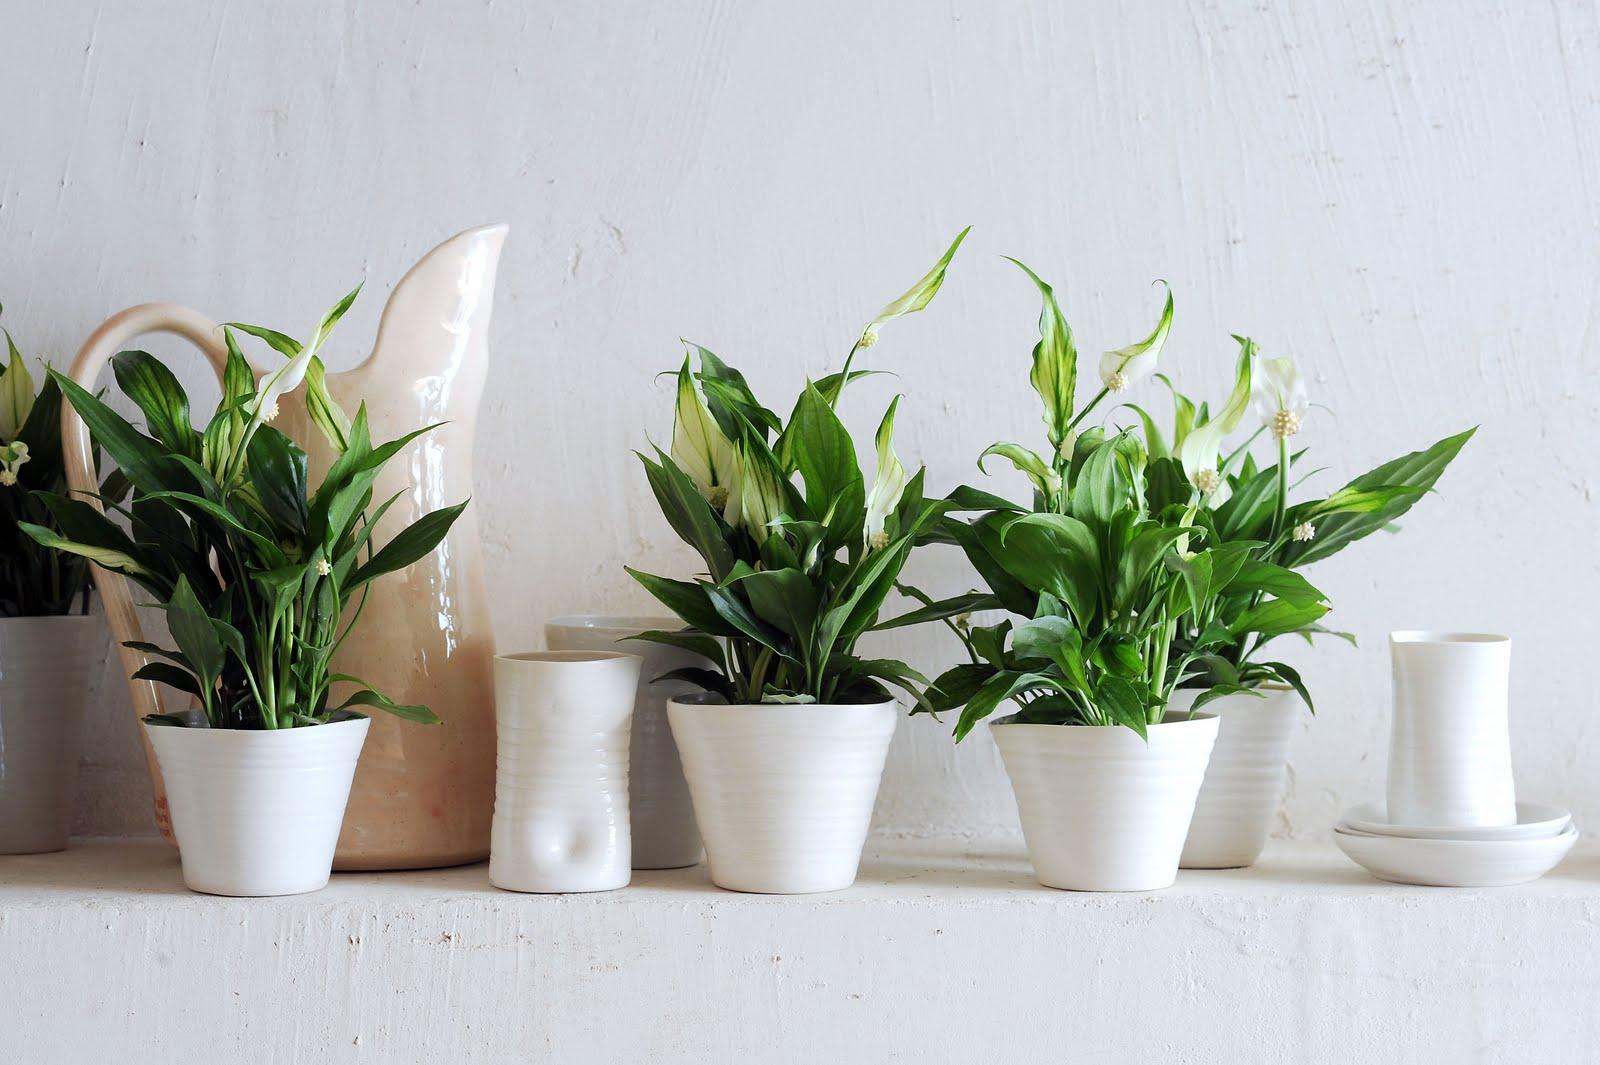 Plantas de interior - Flor de la paz